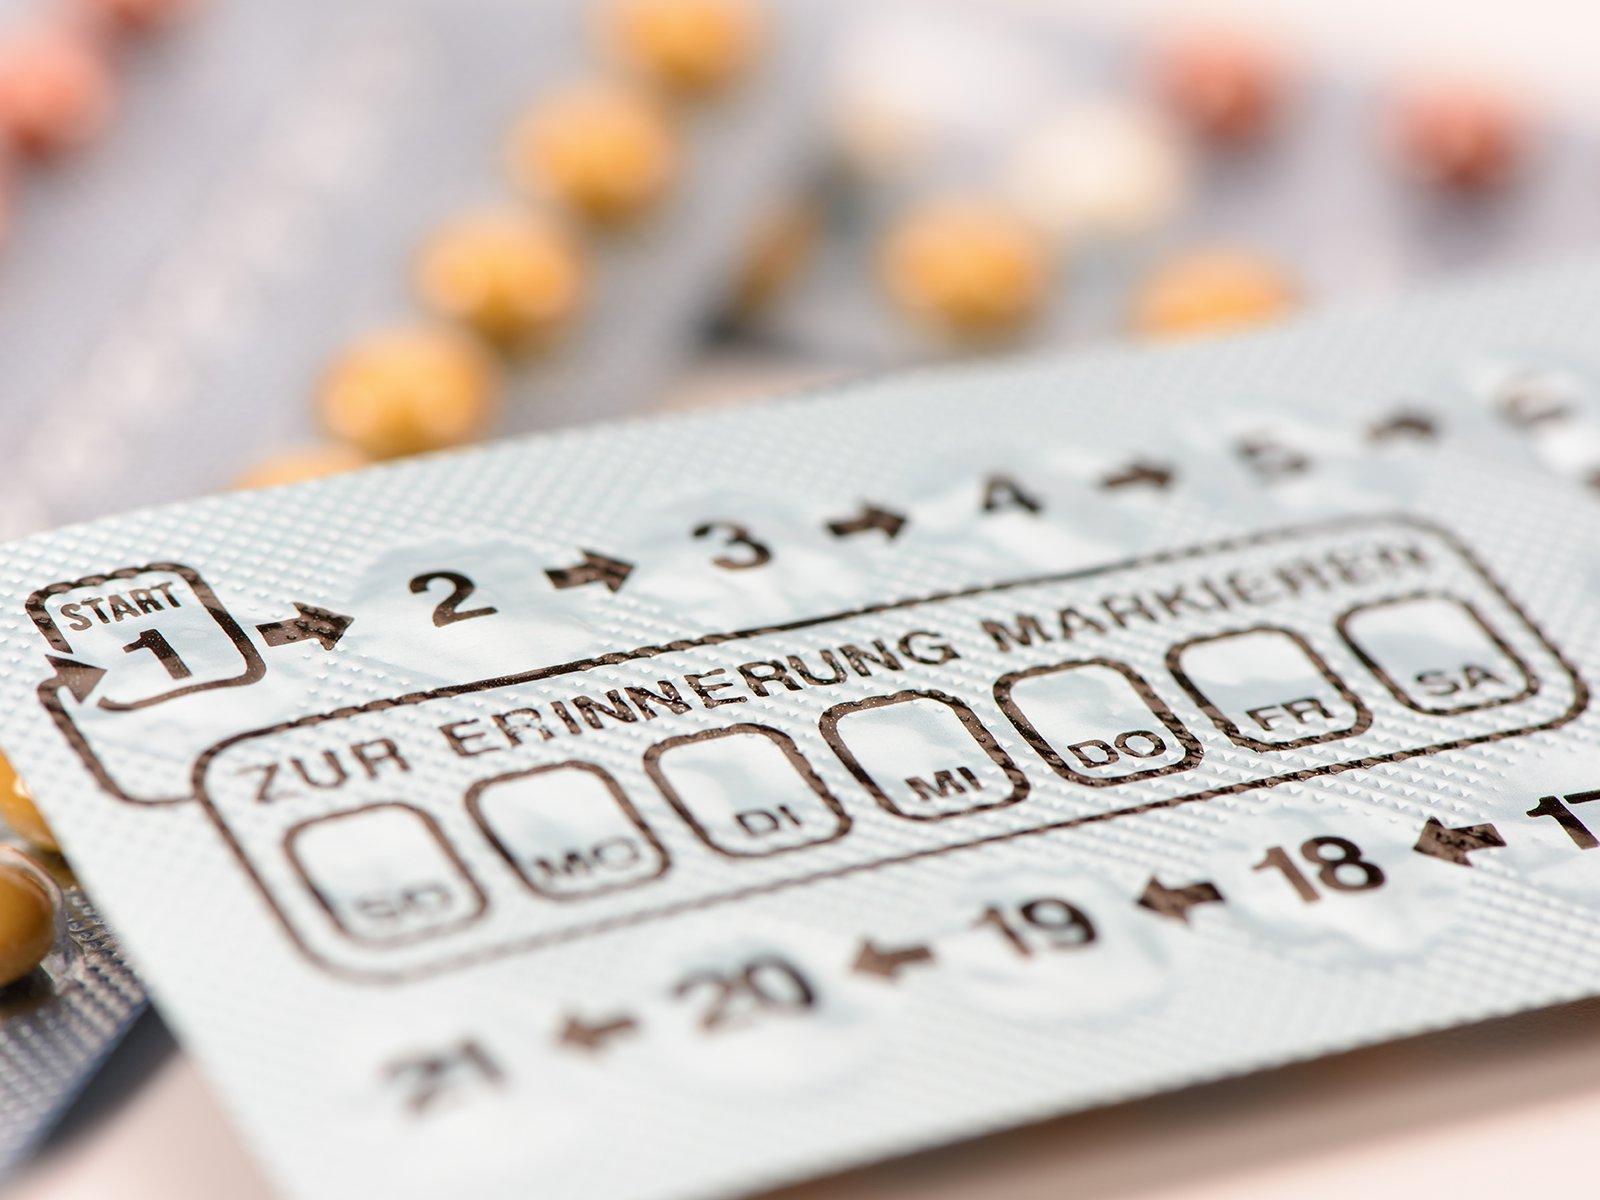 pille schutz nach 7 tagen